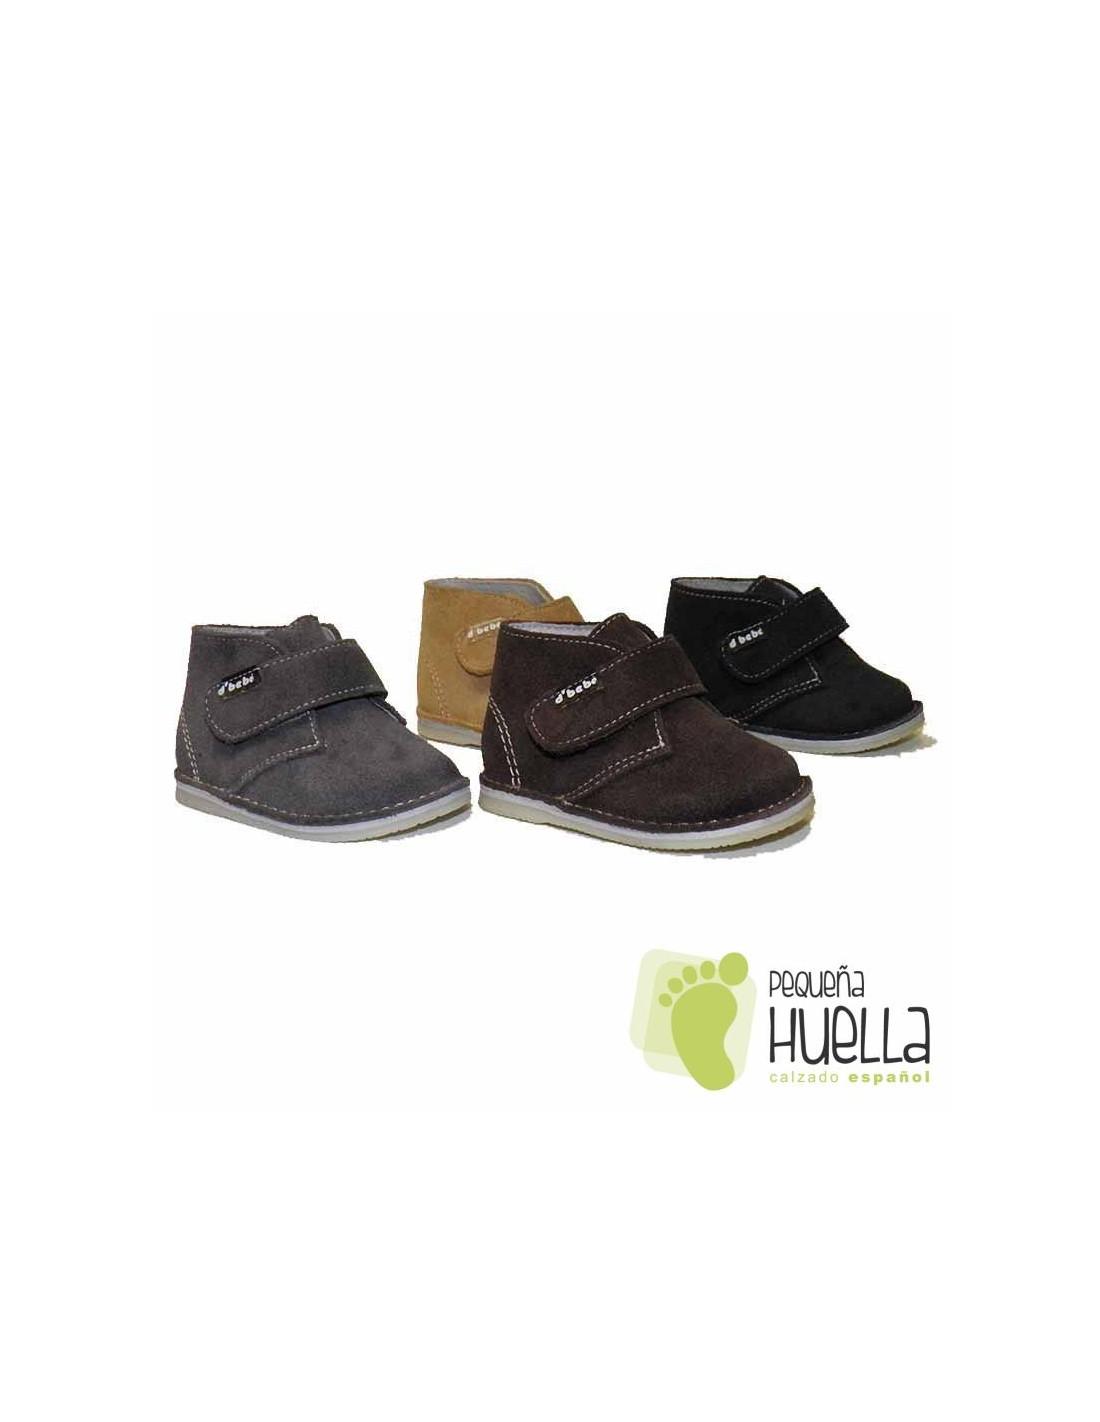 a4303f13368 Comprar botas pisacacas o pisamierdas para bebés online